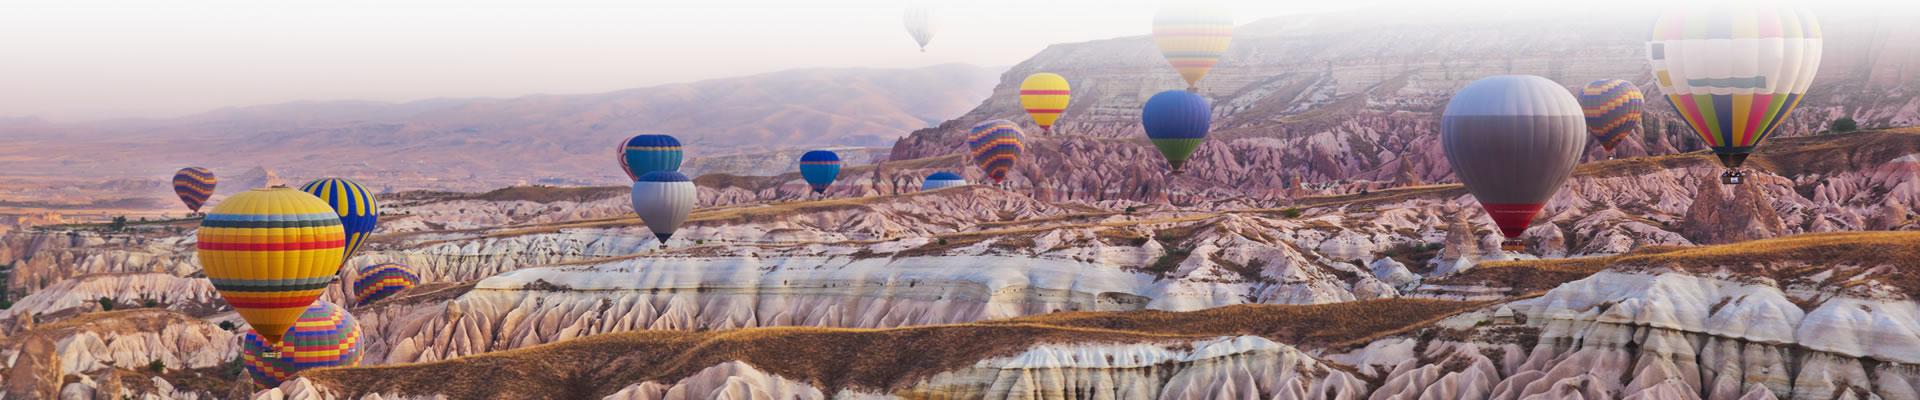 Cappadocia Turkey Maravillas del Mundo en 2019